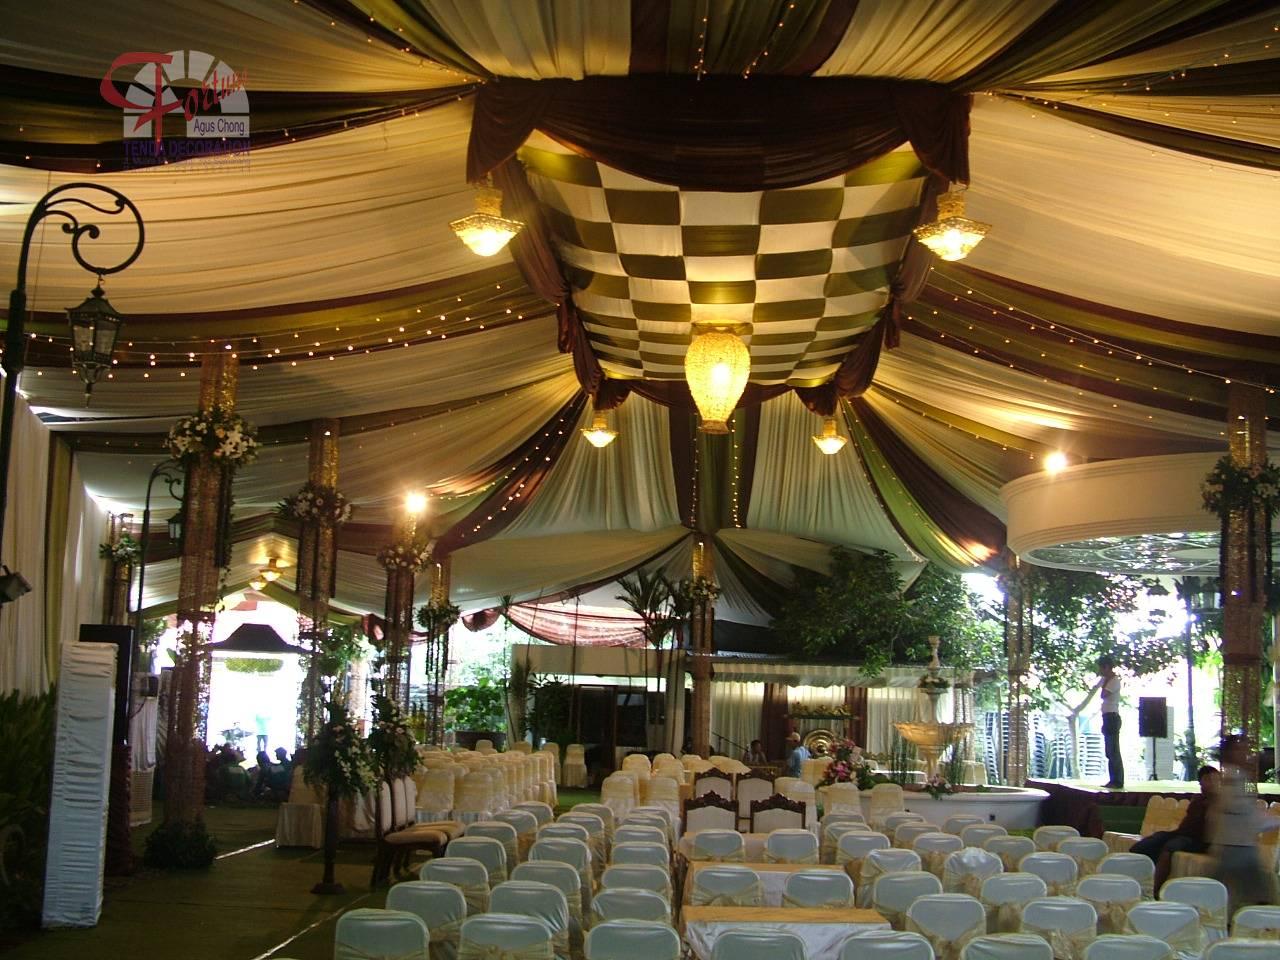 Dekorasi Tenda Pesta Pernikahan Tenda Pesta Pernikahan